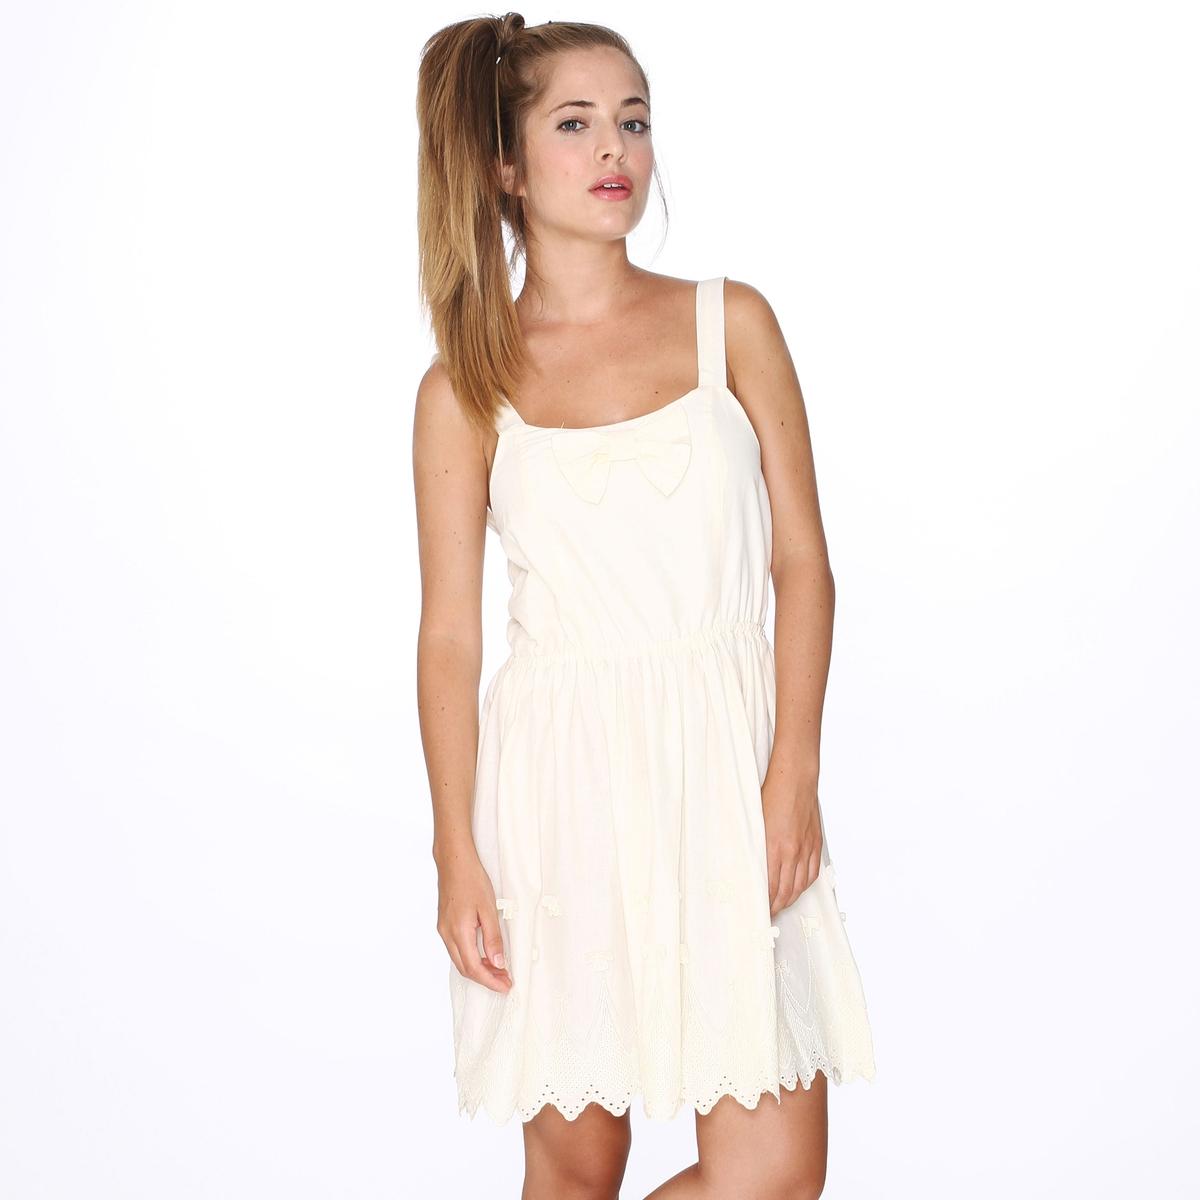 Платье без рукавов с открытой спинкой PEPALOVES, Dress IsabelСостав и описание :Материал : 100% хлопка.Марка : PEPALOVES<br><br>Цвет: бежевый,черный<br>Размер: M.M.S